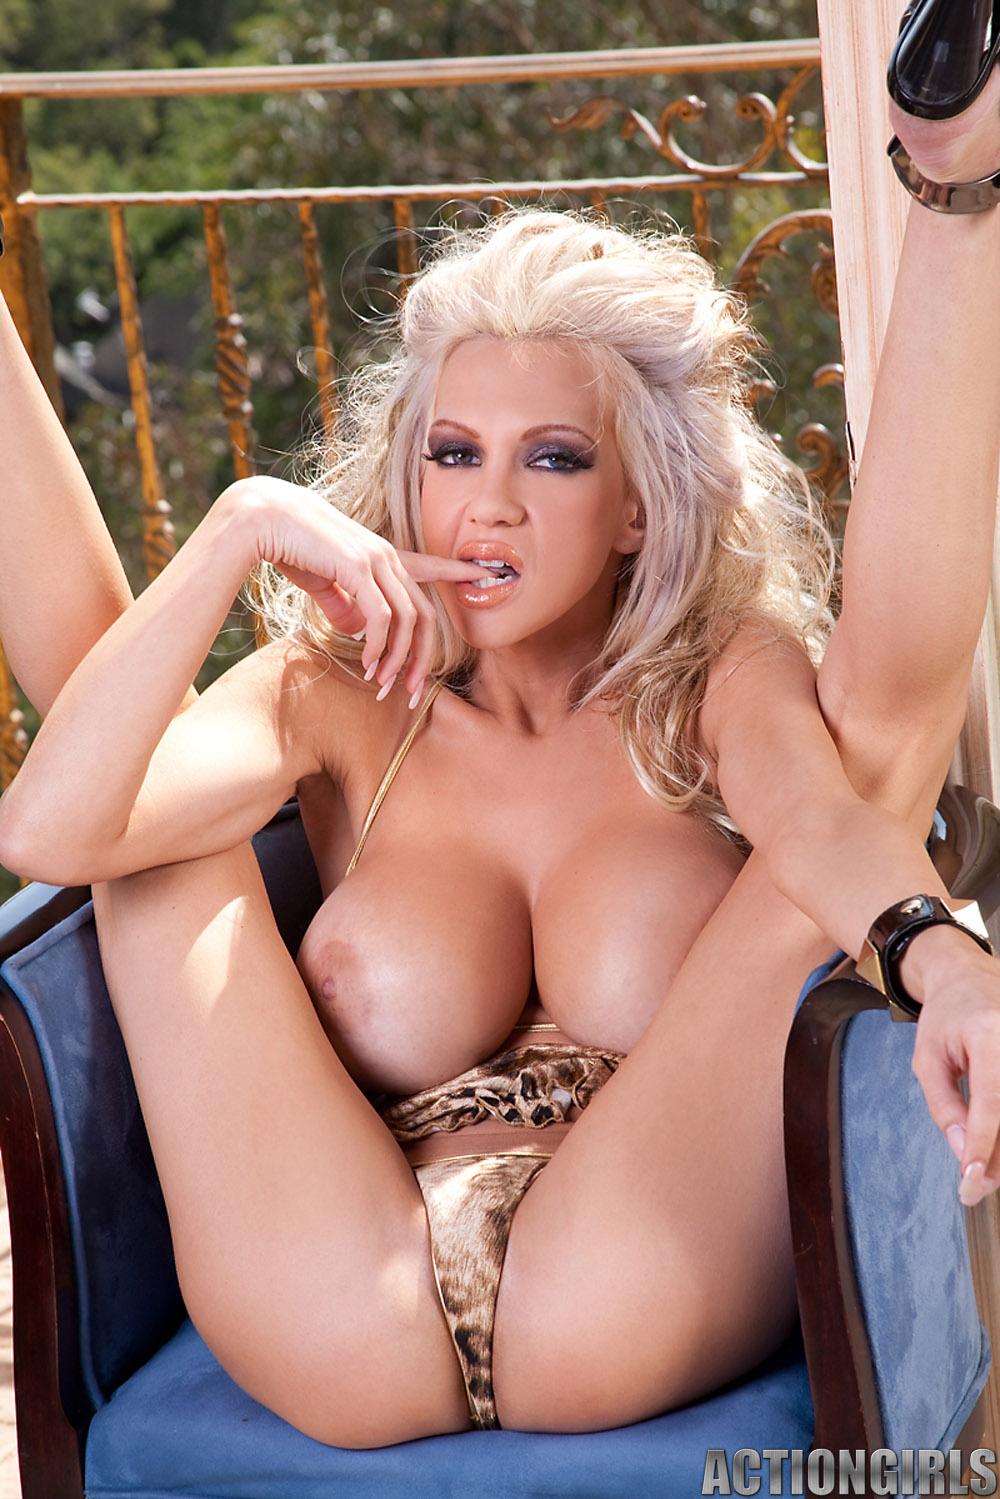 Jill scott tits — photo 15